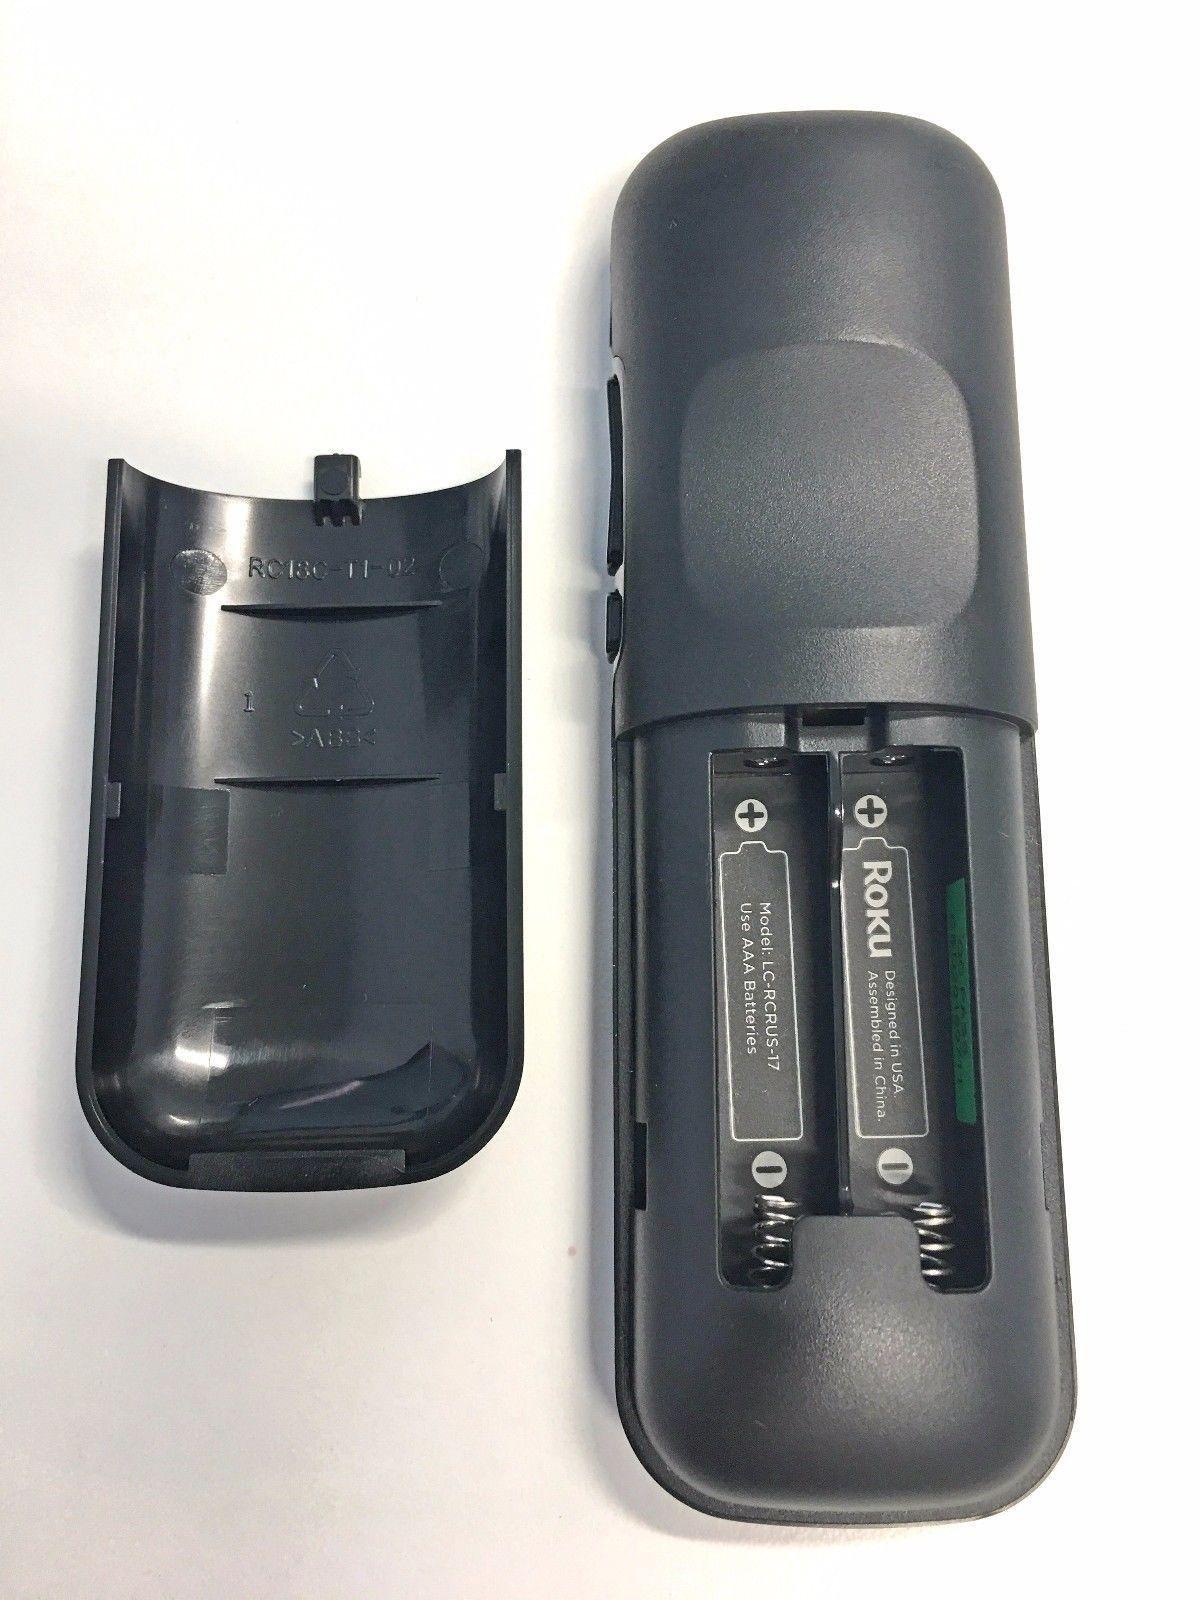 Sharp LC-RCRUS-17 Roku TV Remote Control